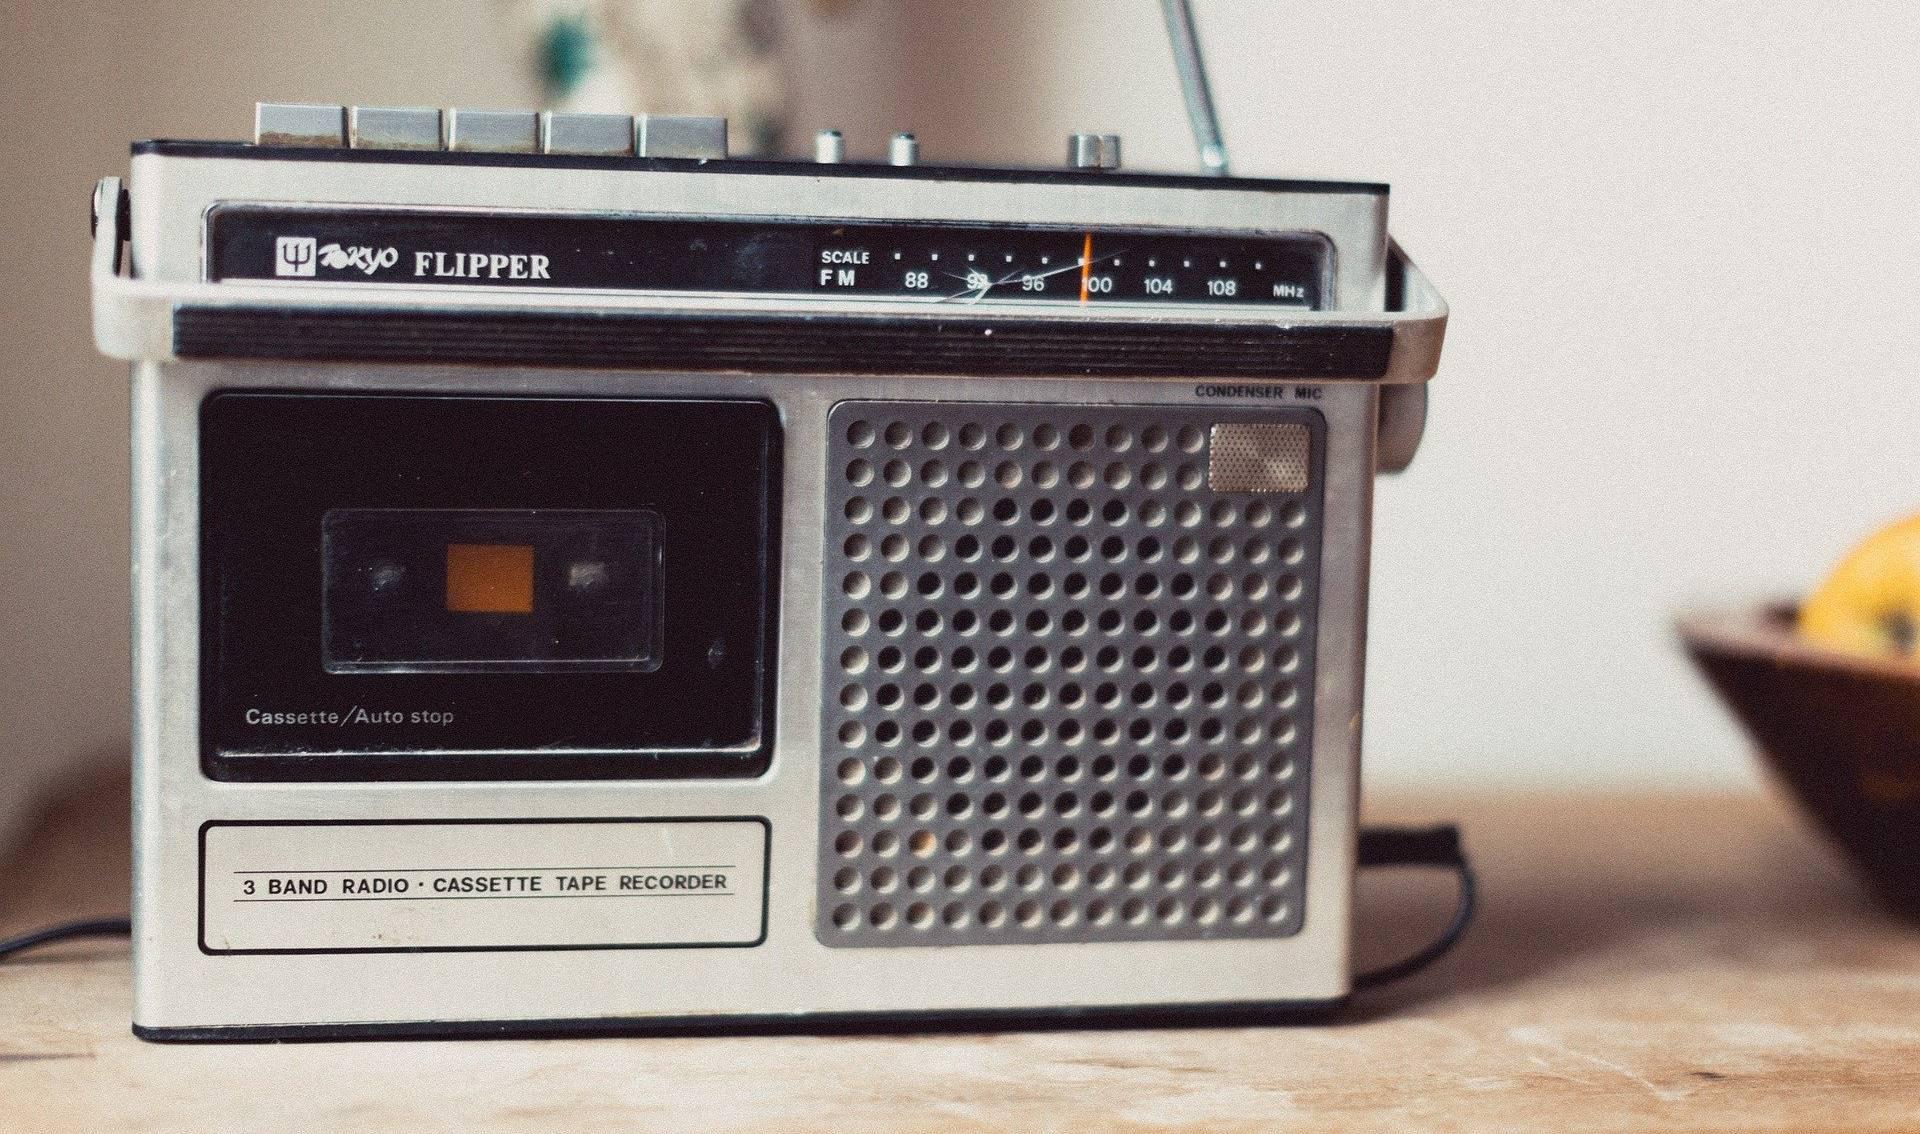 Vandaag is het Wereld Radiodag